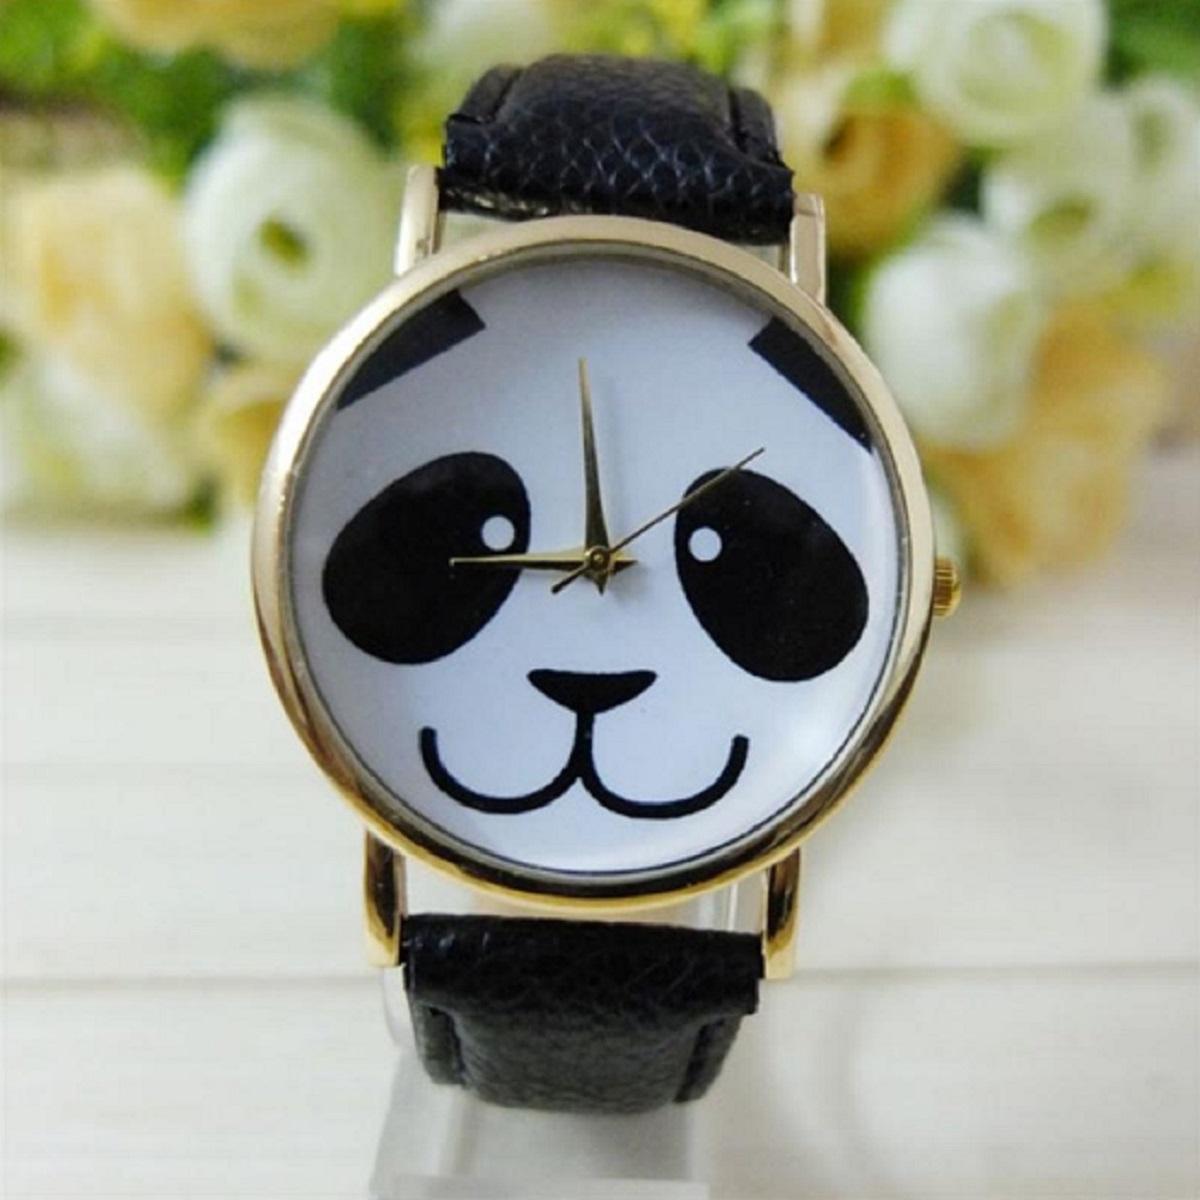 Montre panda sourir noire 1200 x 1200